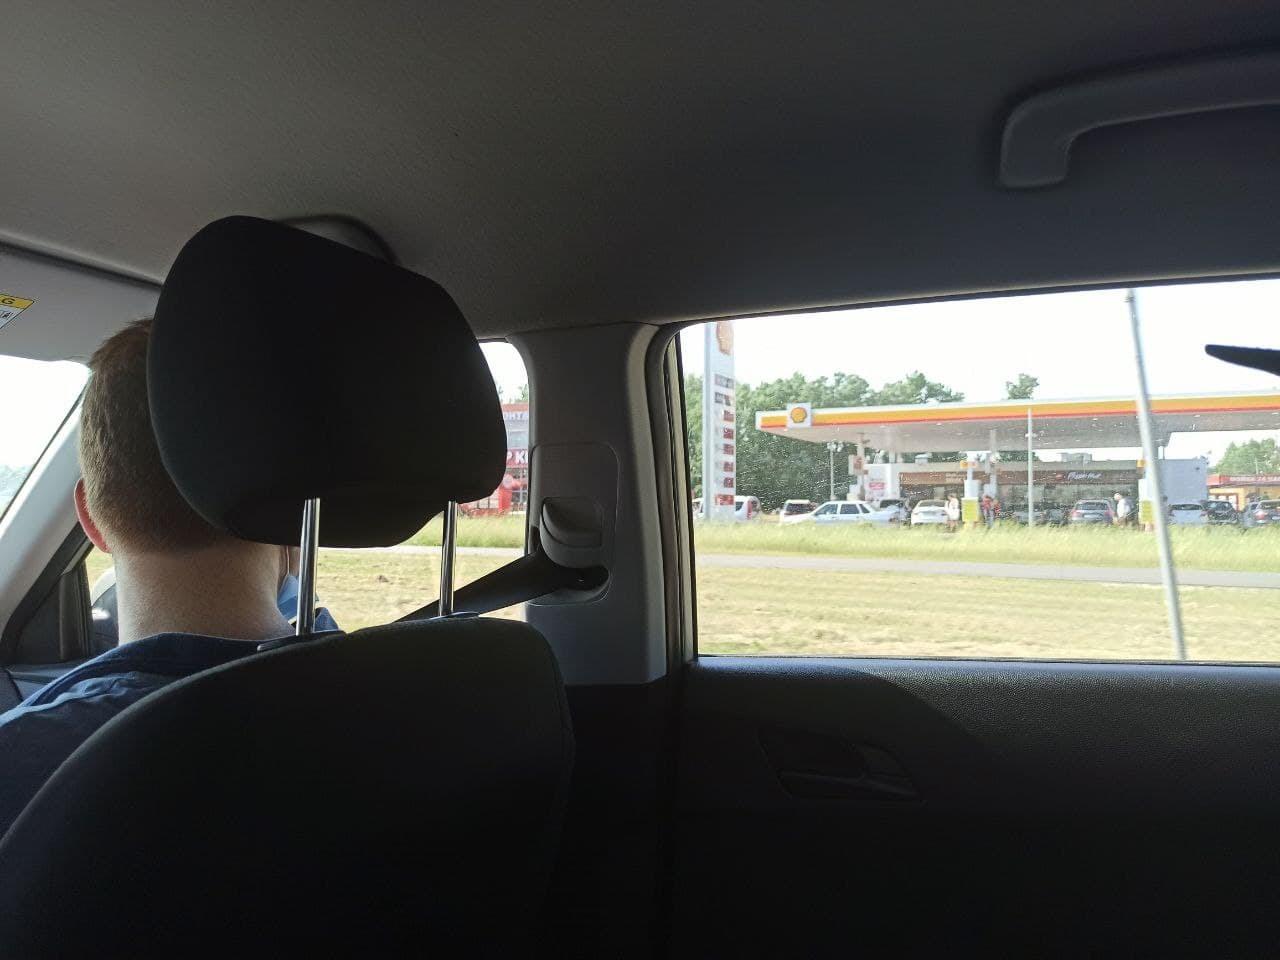 На подъезде к заправке все же начинаем высматривать колонку посвободнее — чтобы не мешать обычным автовладельцам